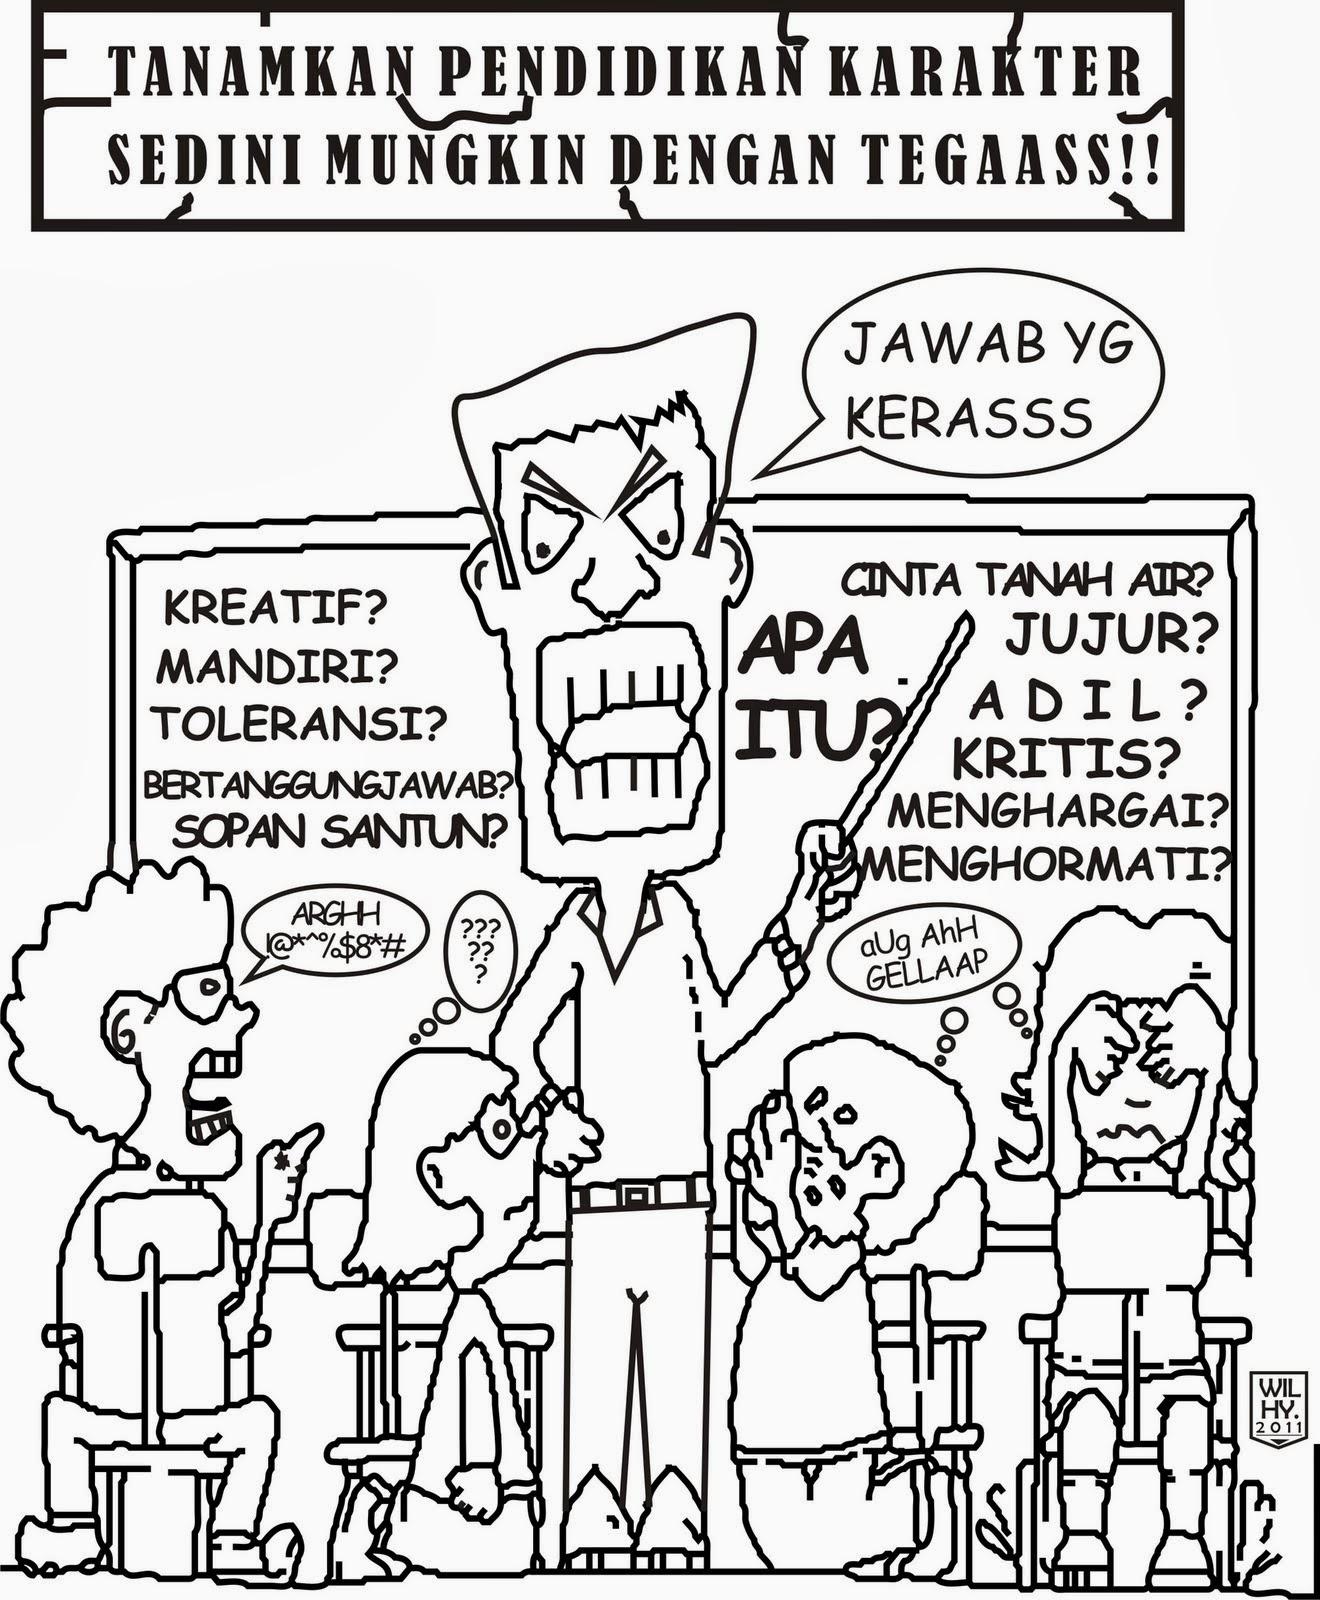 Gambar Kartun Lucu Tentang Pendidikan